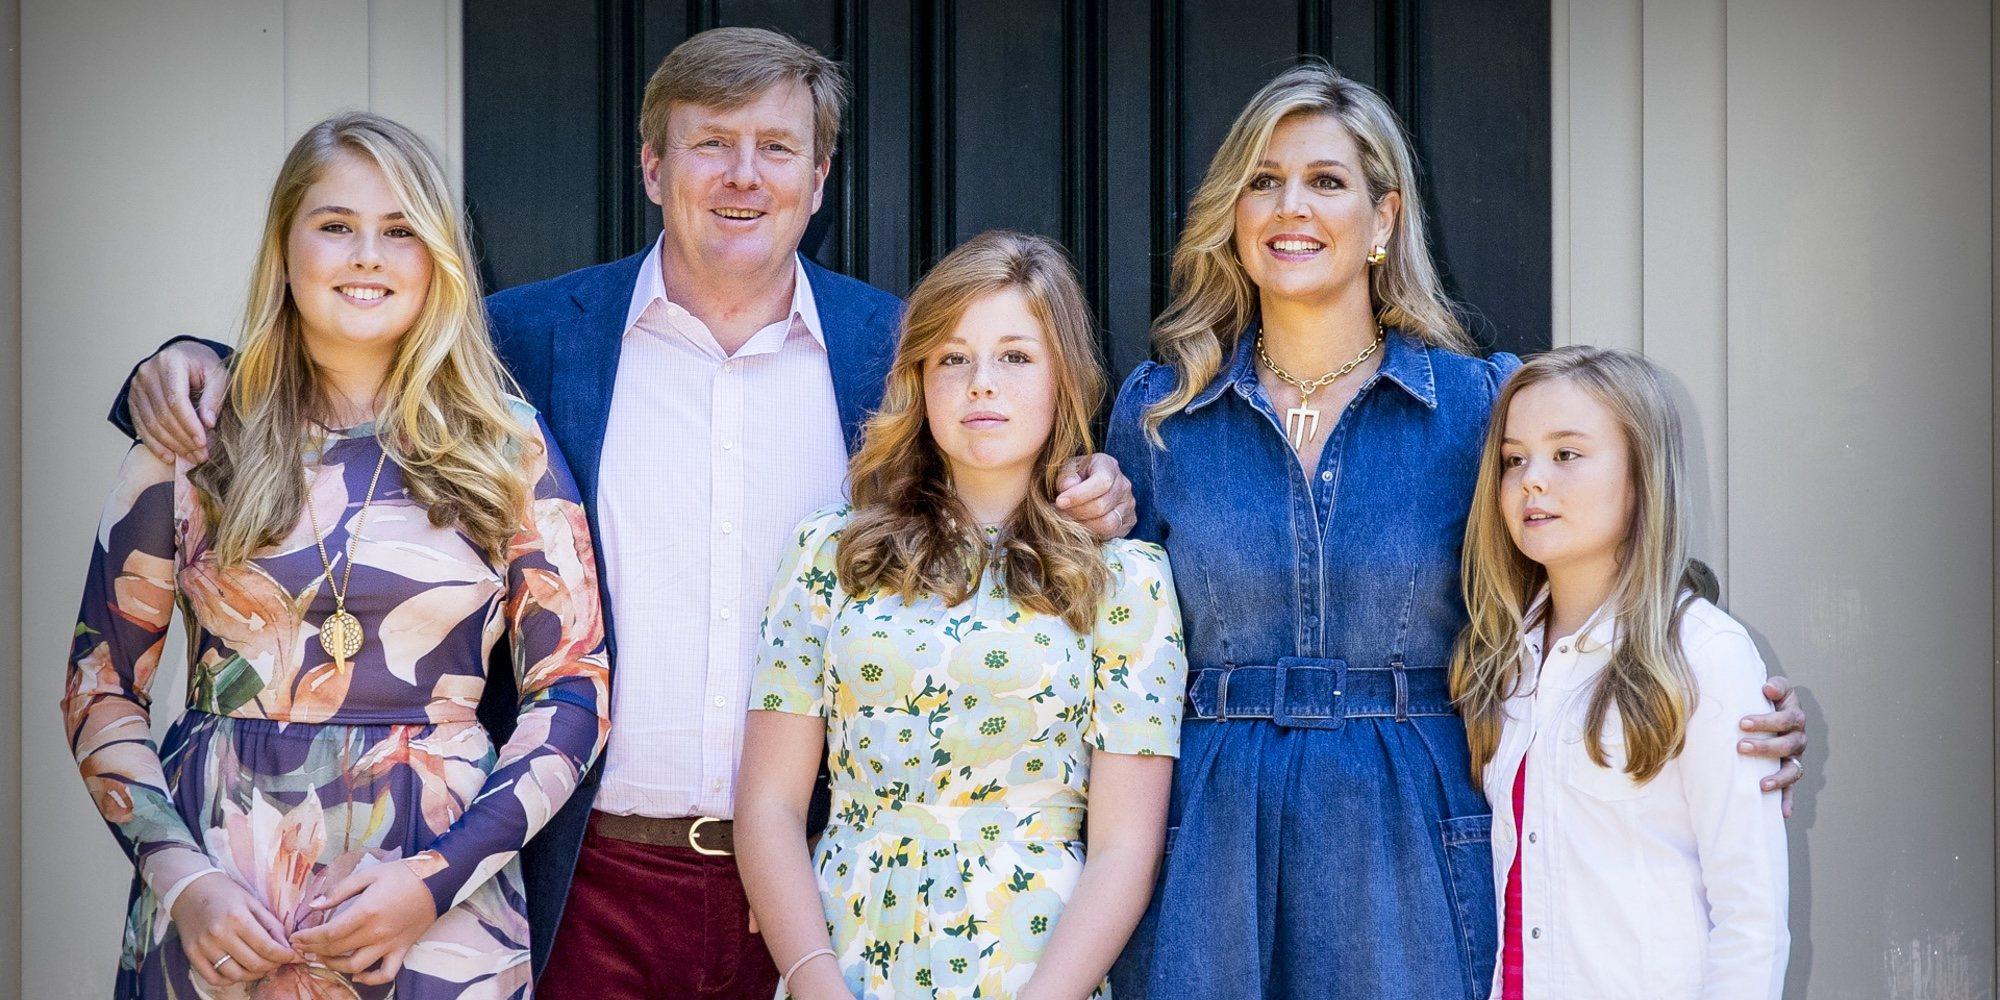 La sesión veraniega más divertida de los Reyes Guillermo y Máxima de Holanda con sus hijas